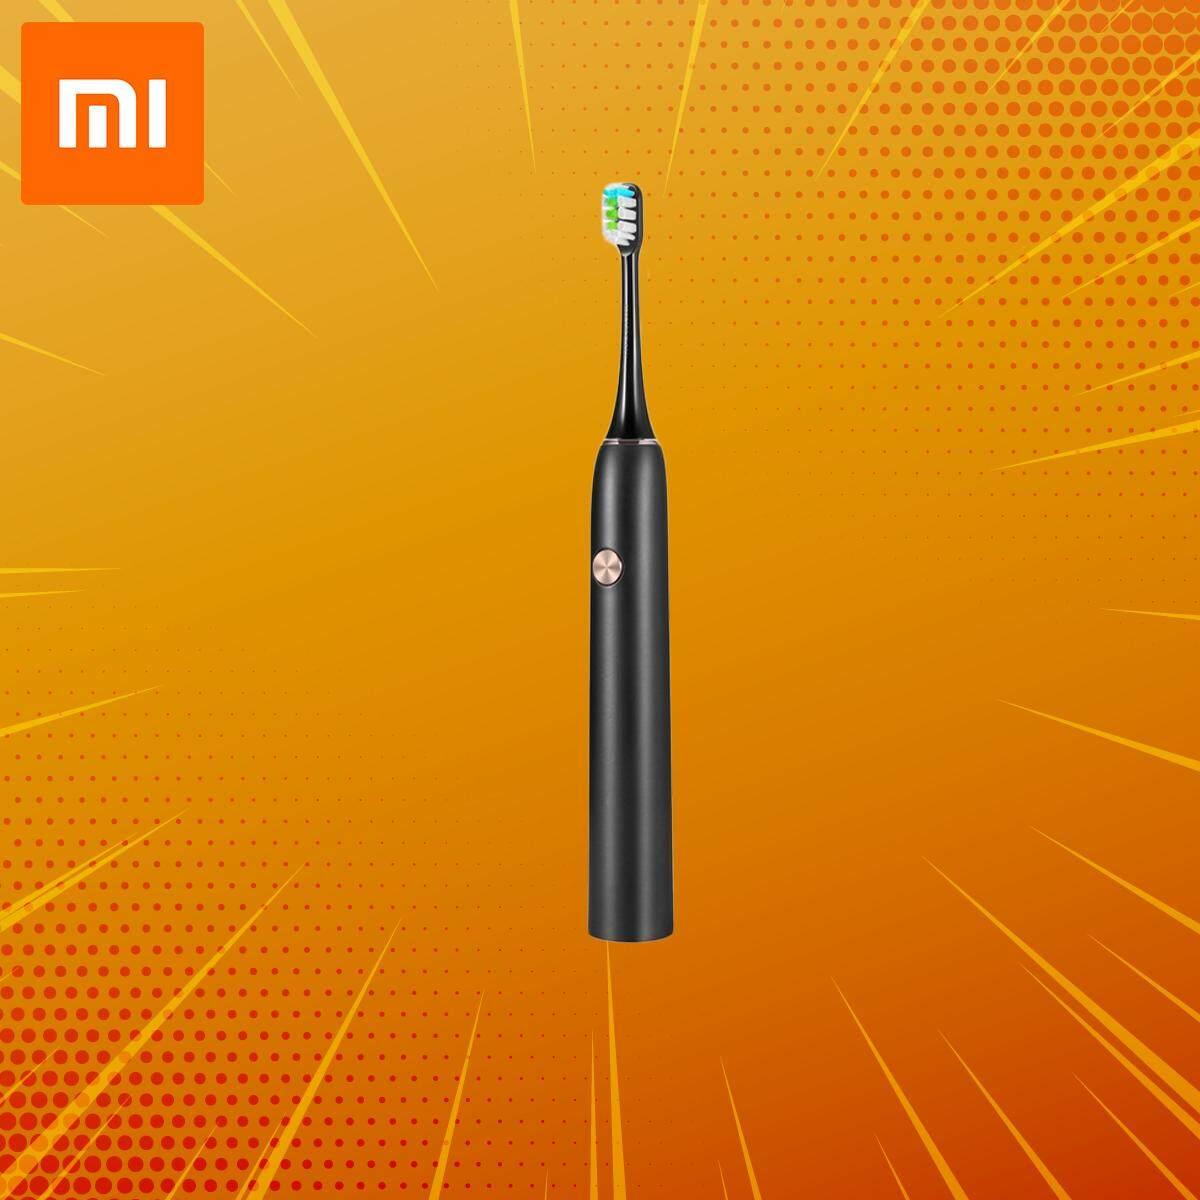 กระเป๋าเป้ นักเรียน ผู้หญิง วัยรุ่น ชลบุรี Xiaomi SOOCAS X3 Sonic Electric Toothbrush   แปรงสีฟันไฟฟ้า